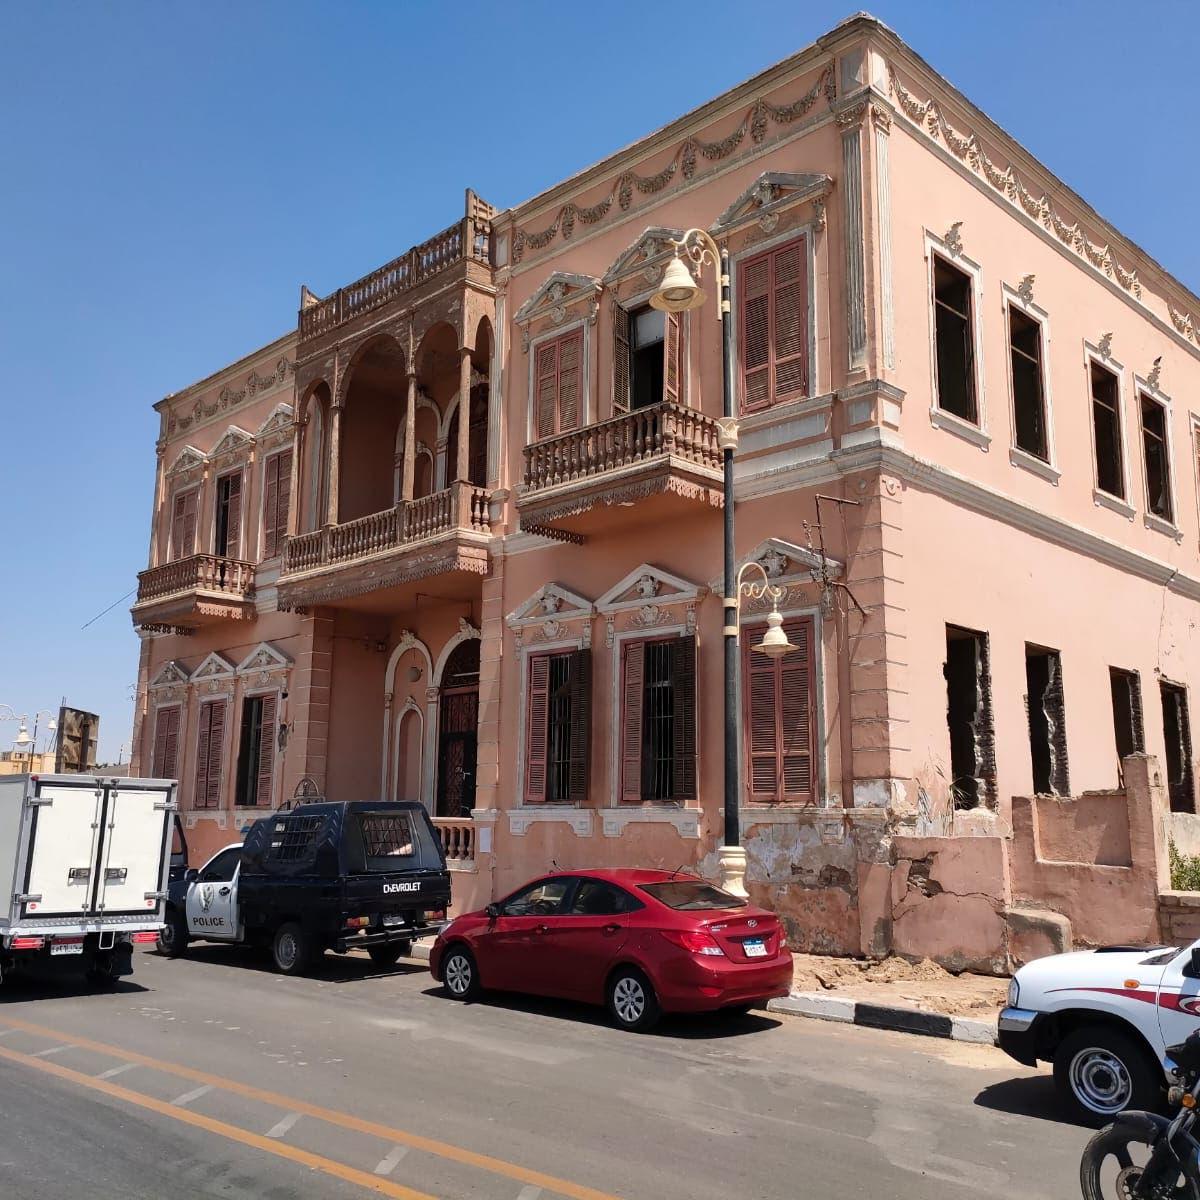 يعود إلى عام 1897.. هدم قصر أندراوس يثير ضجة في مصر